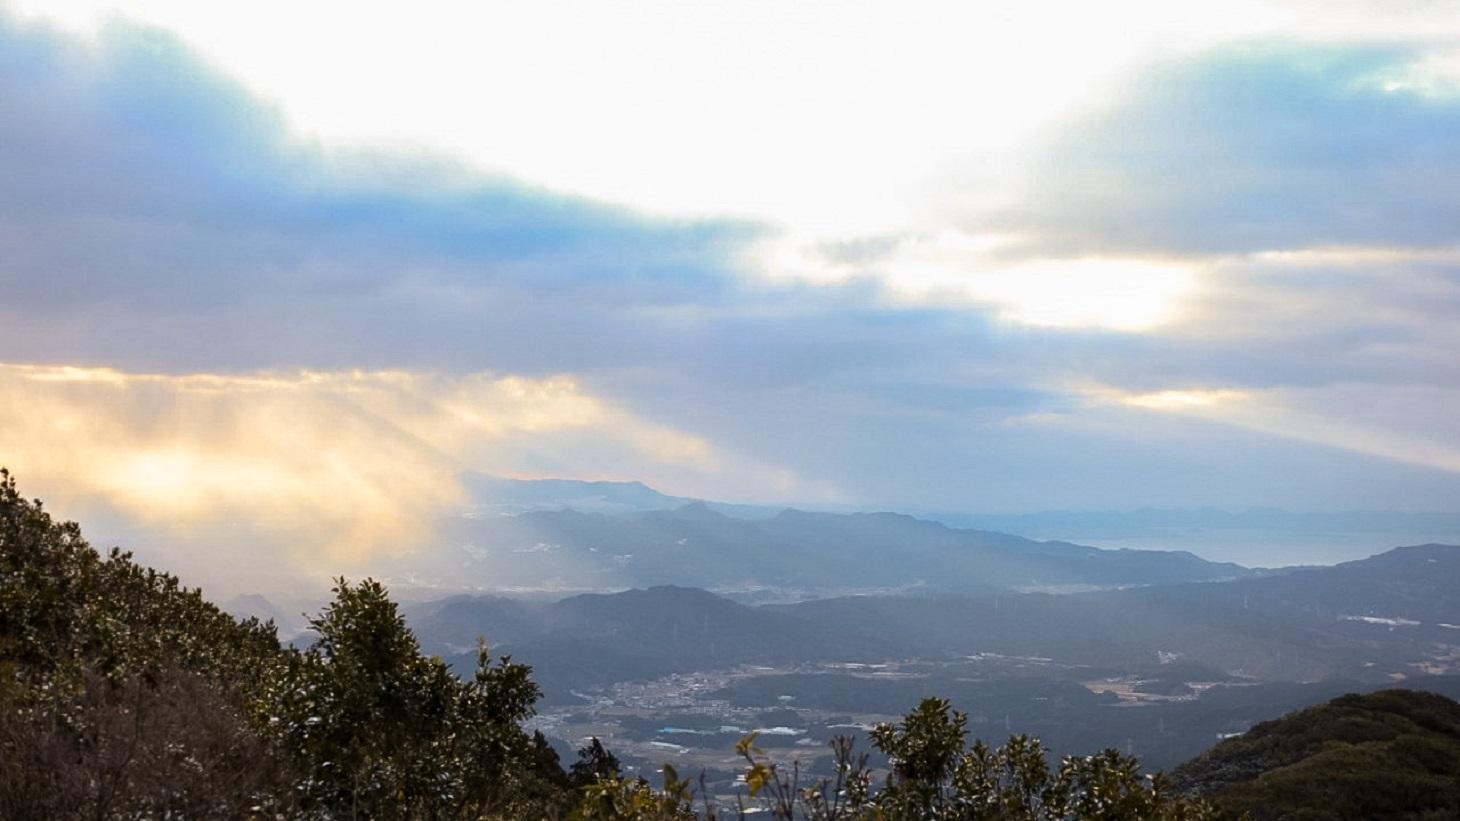 雲から差し込んだ光